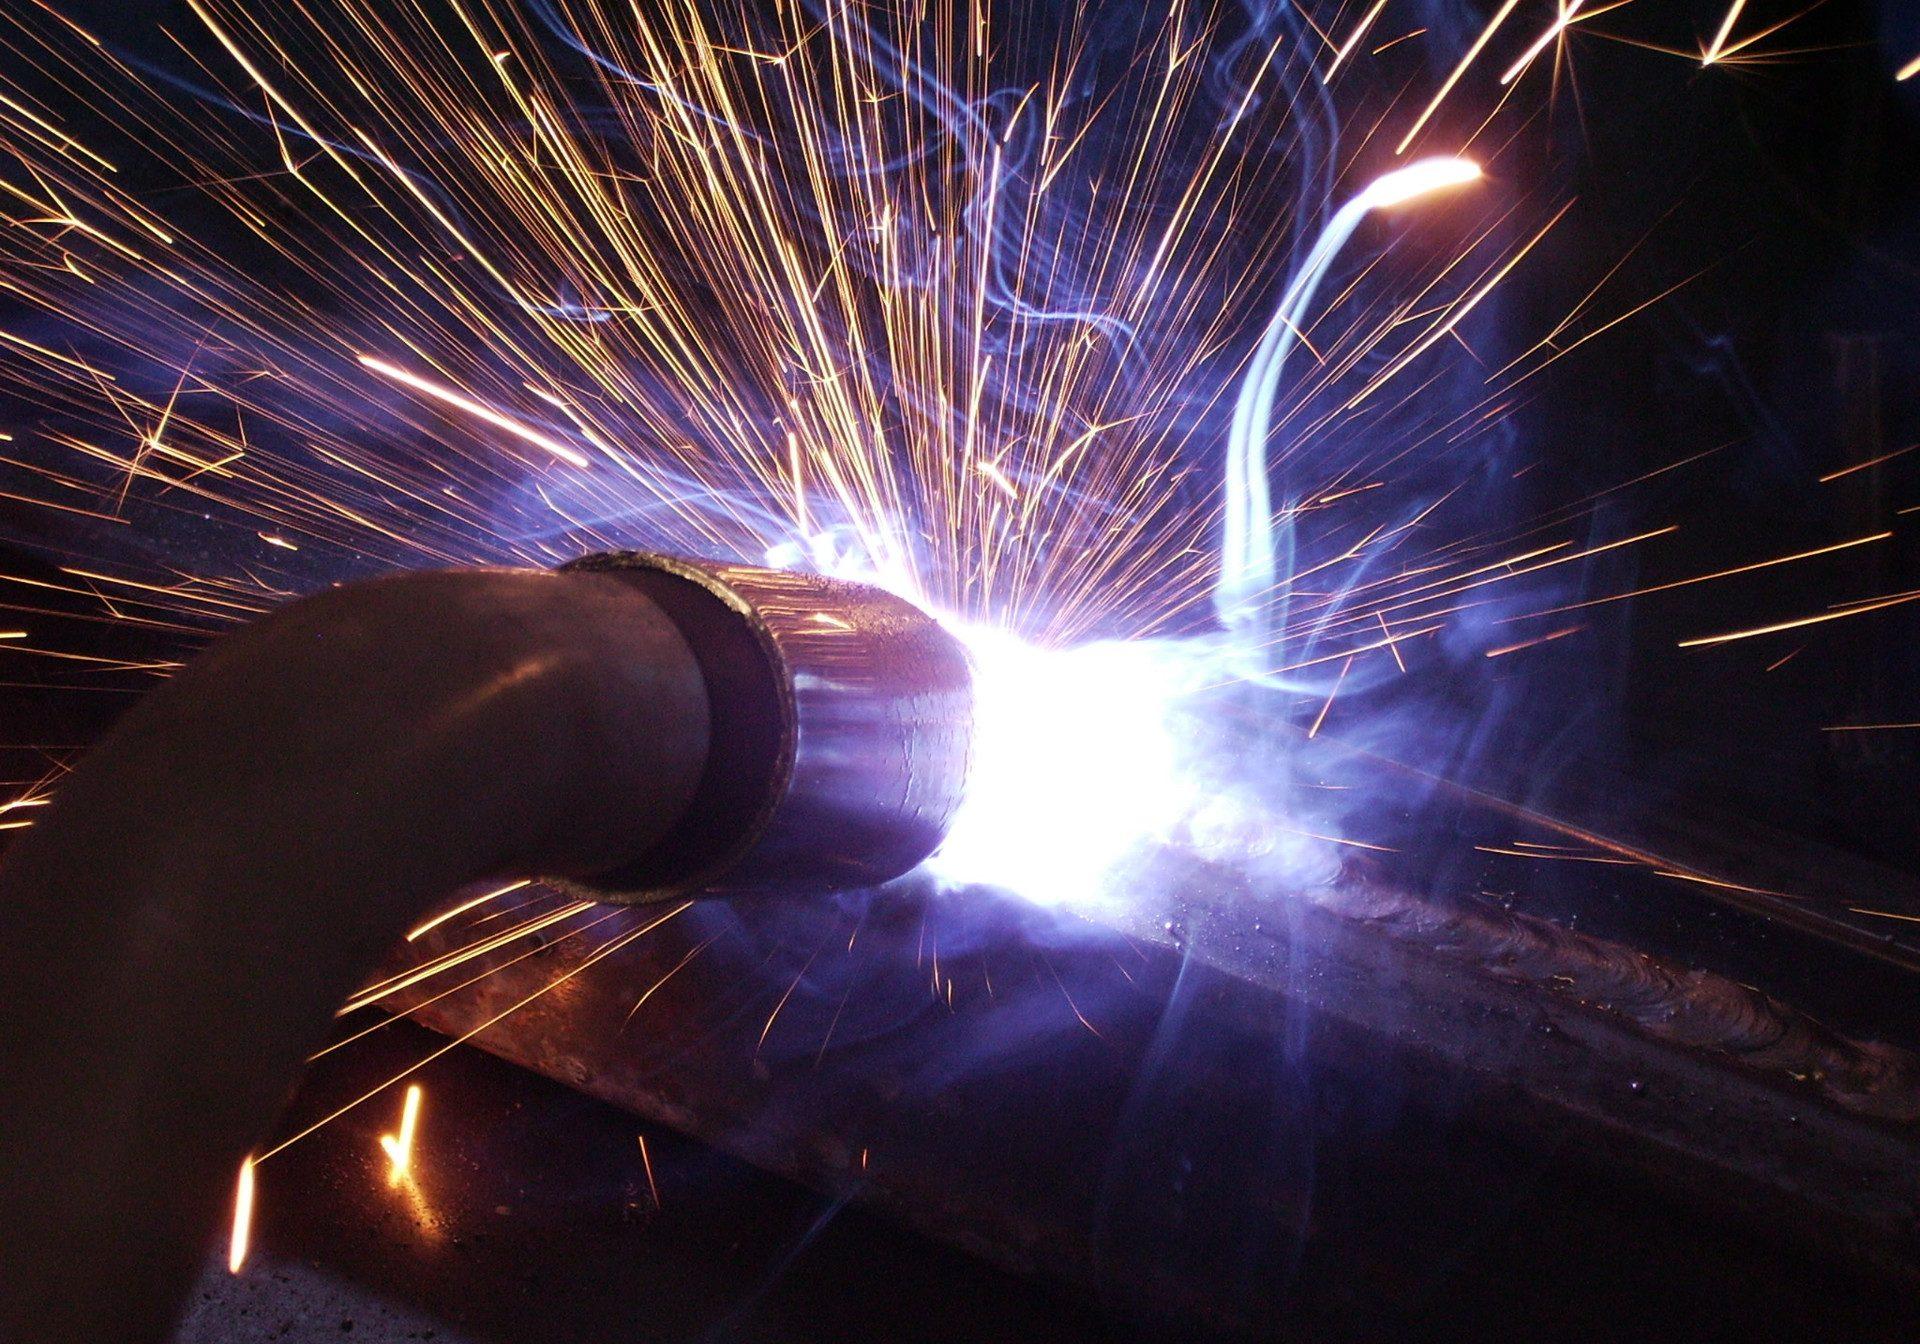 welding-torch-1230055-1920x1440